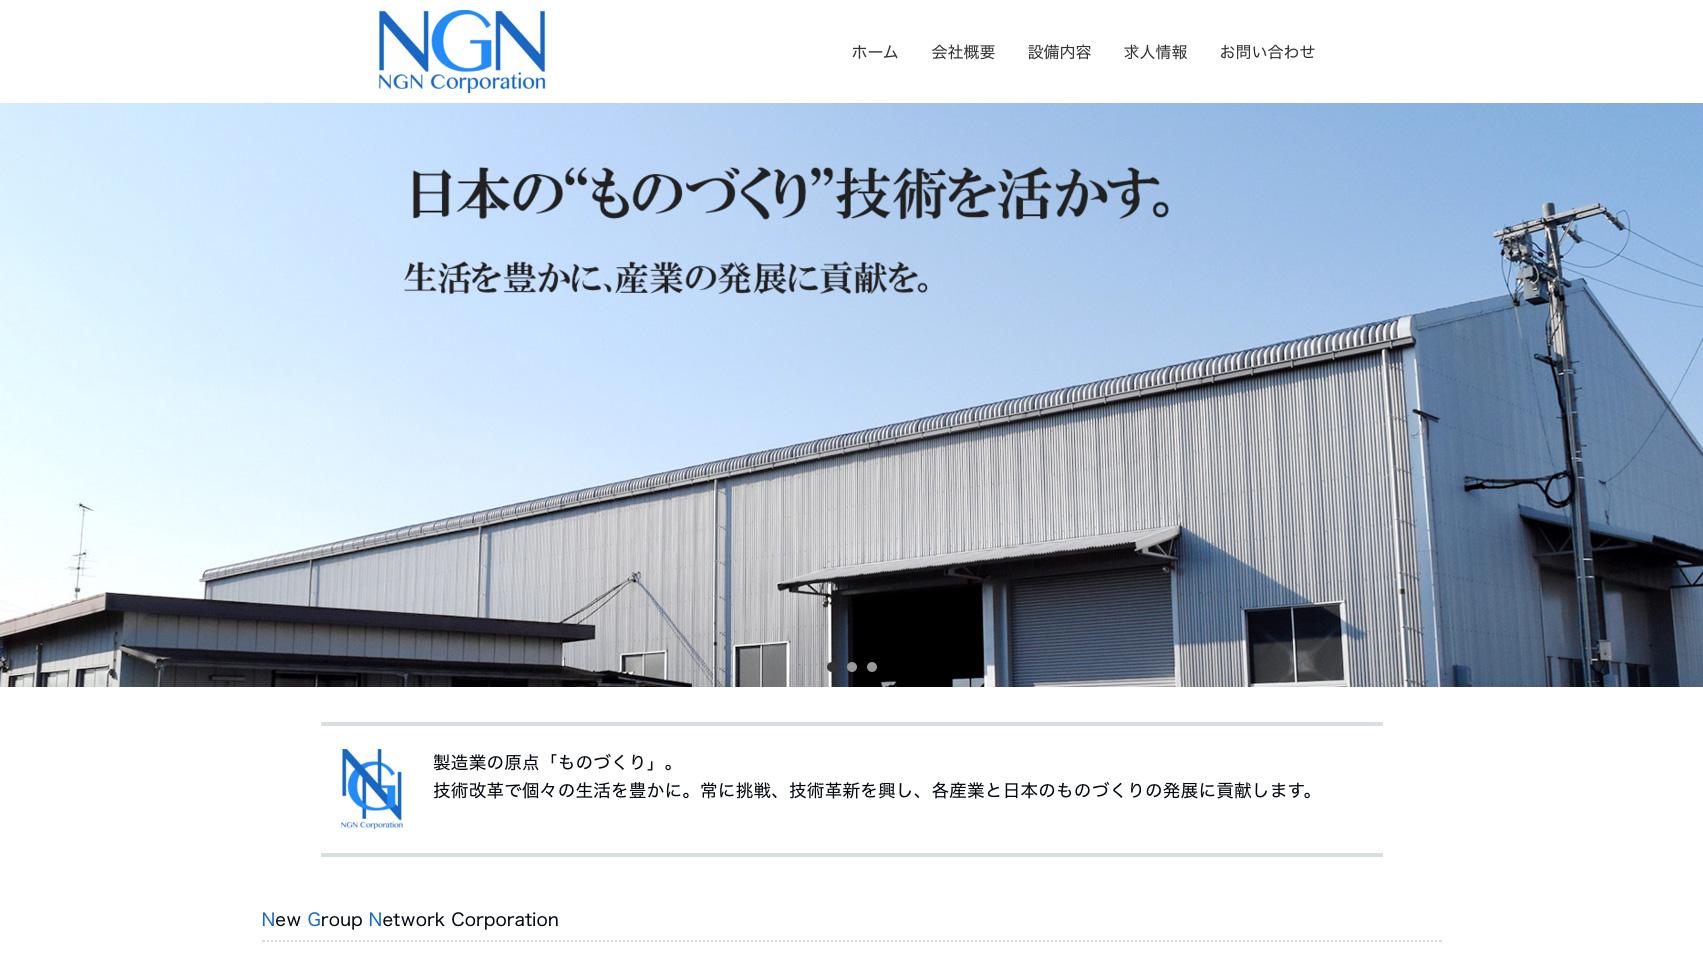 実績紹介: NGN株式会社様